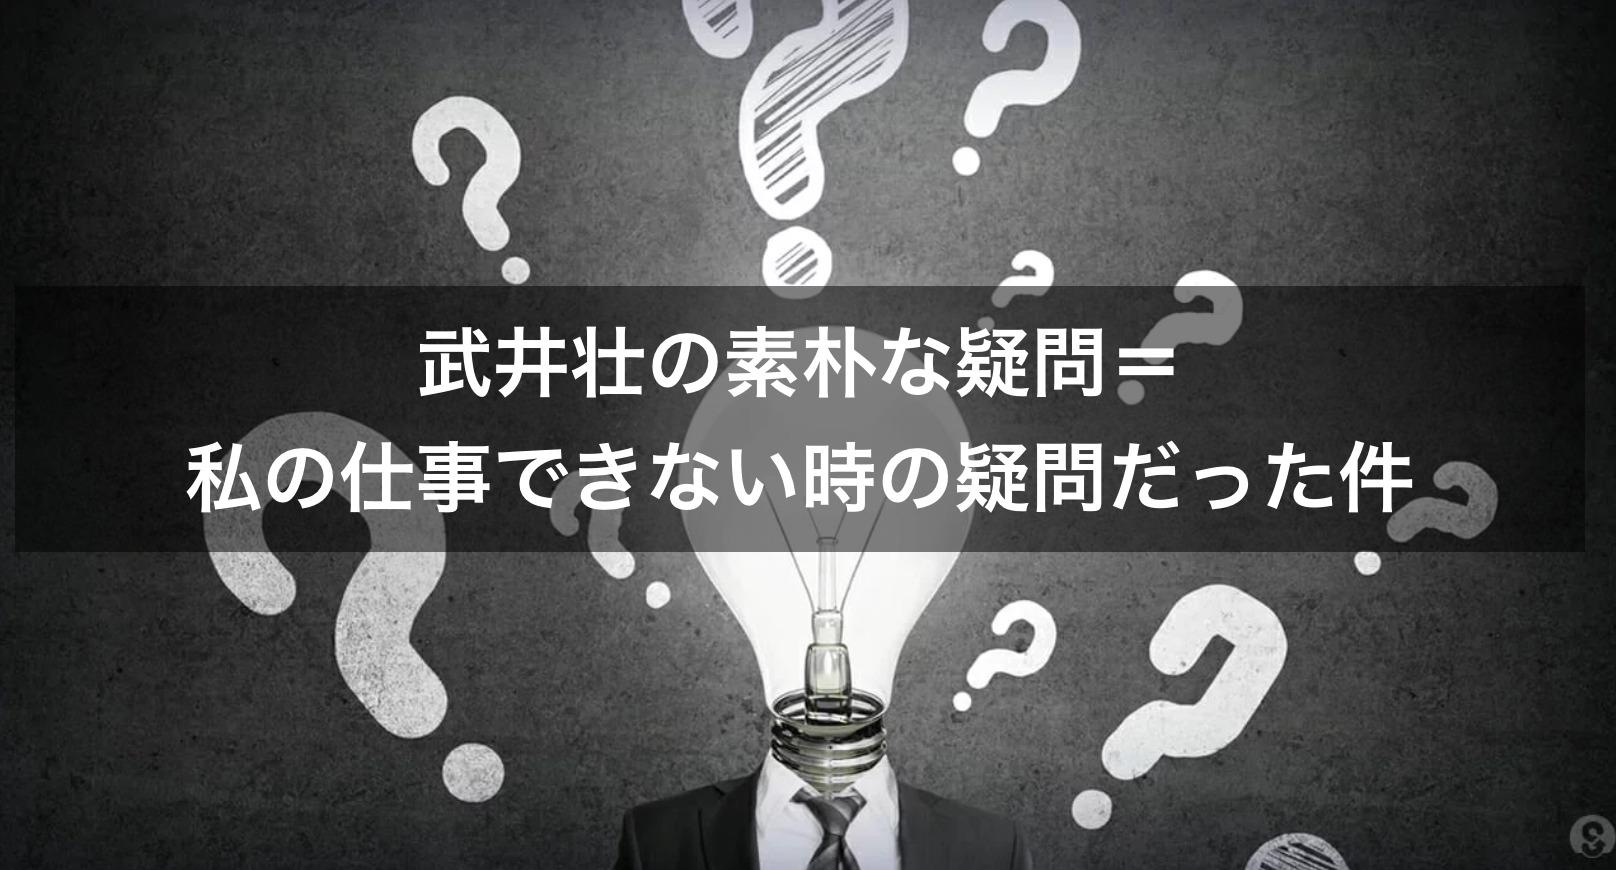 武井壮の逸話が、空気読めず仕事もできなかった時の私の悩みに共通していた件